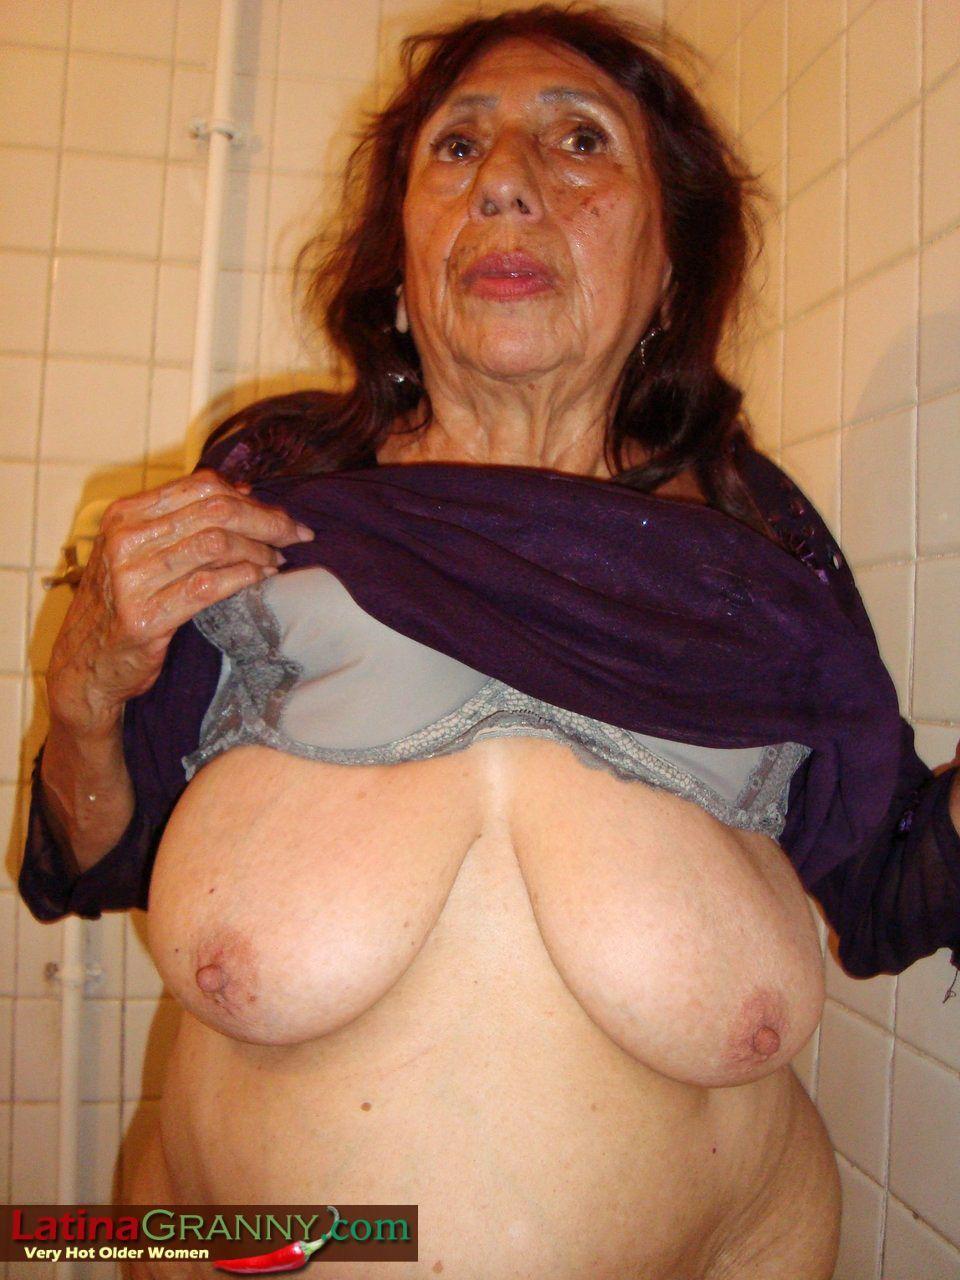 best of Granny sucks Latina